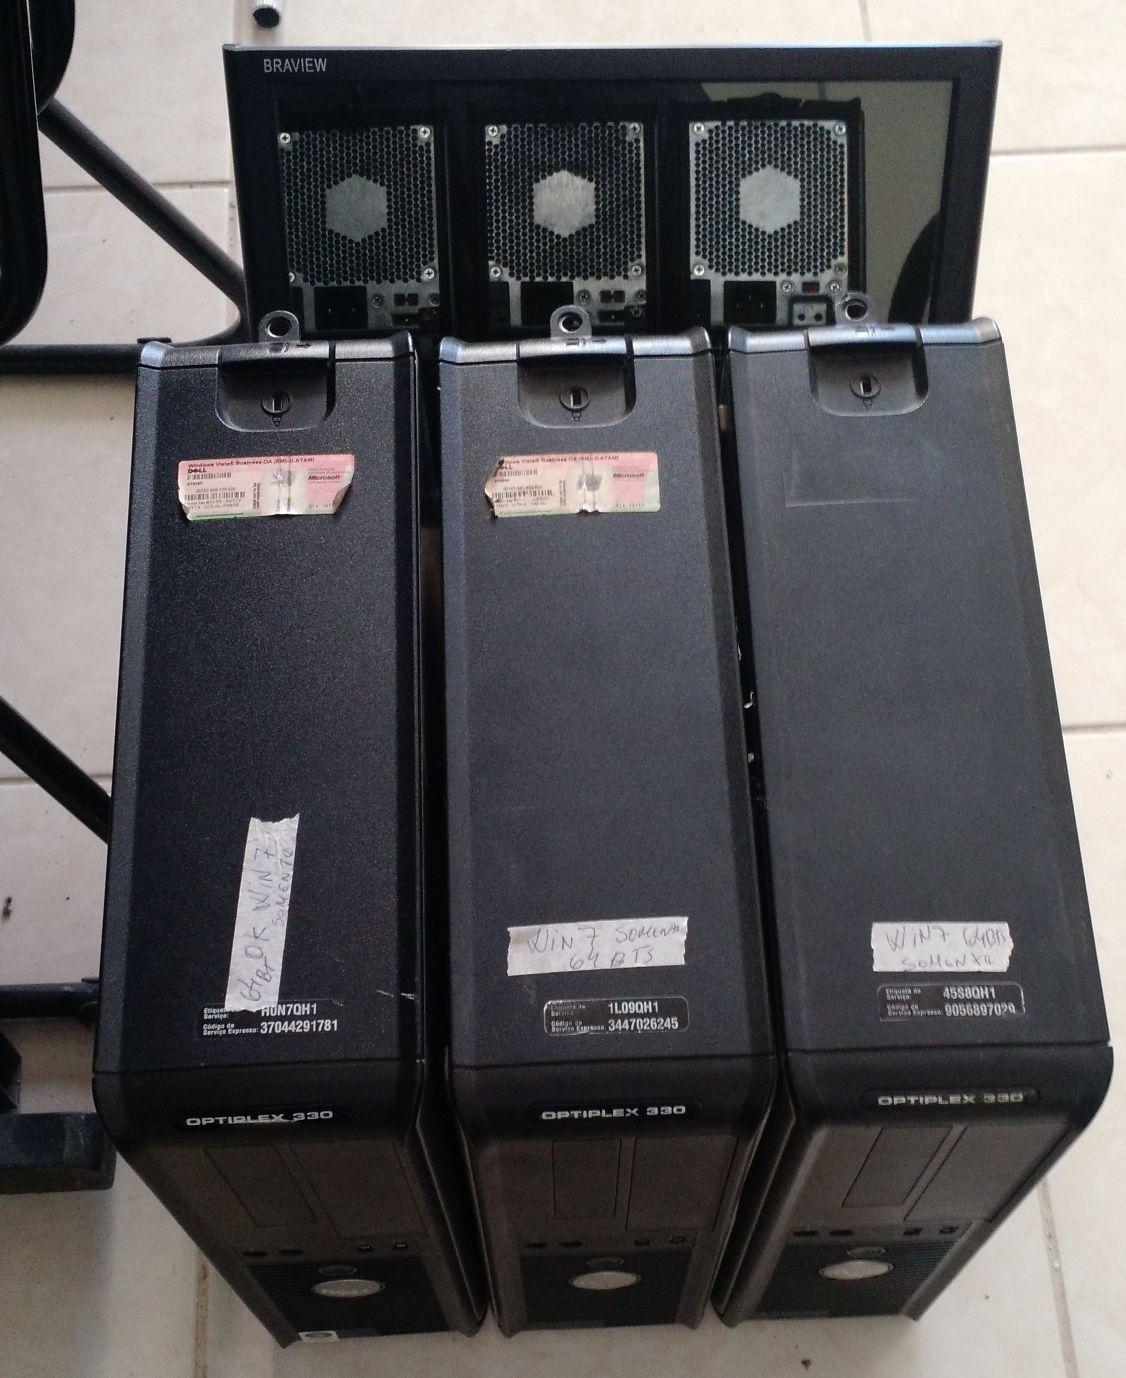 Manutenção de máquinas Dell